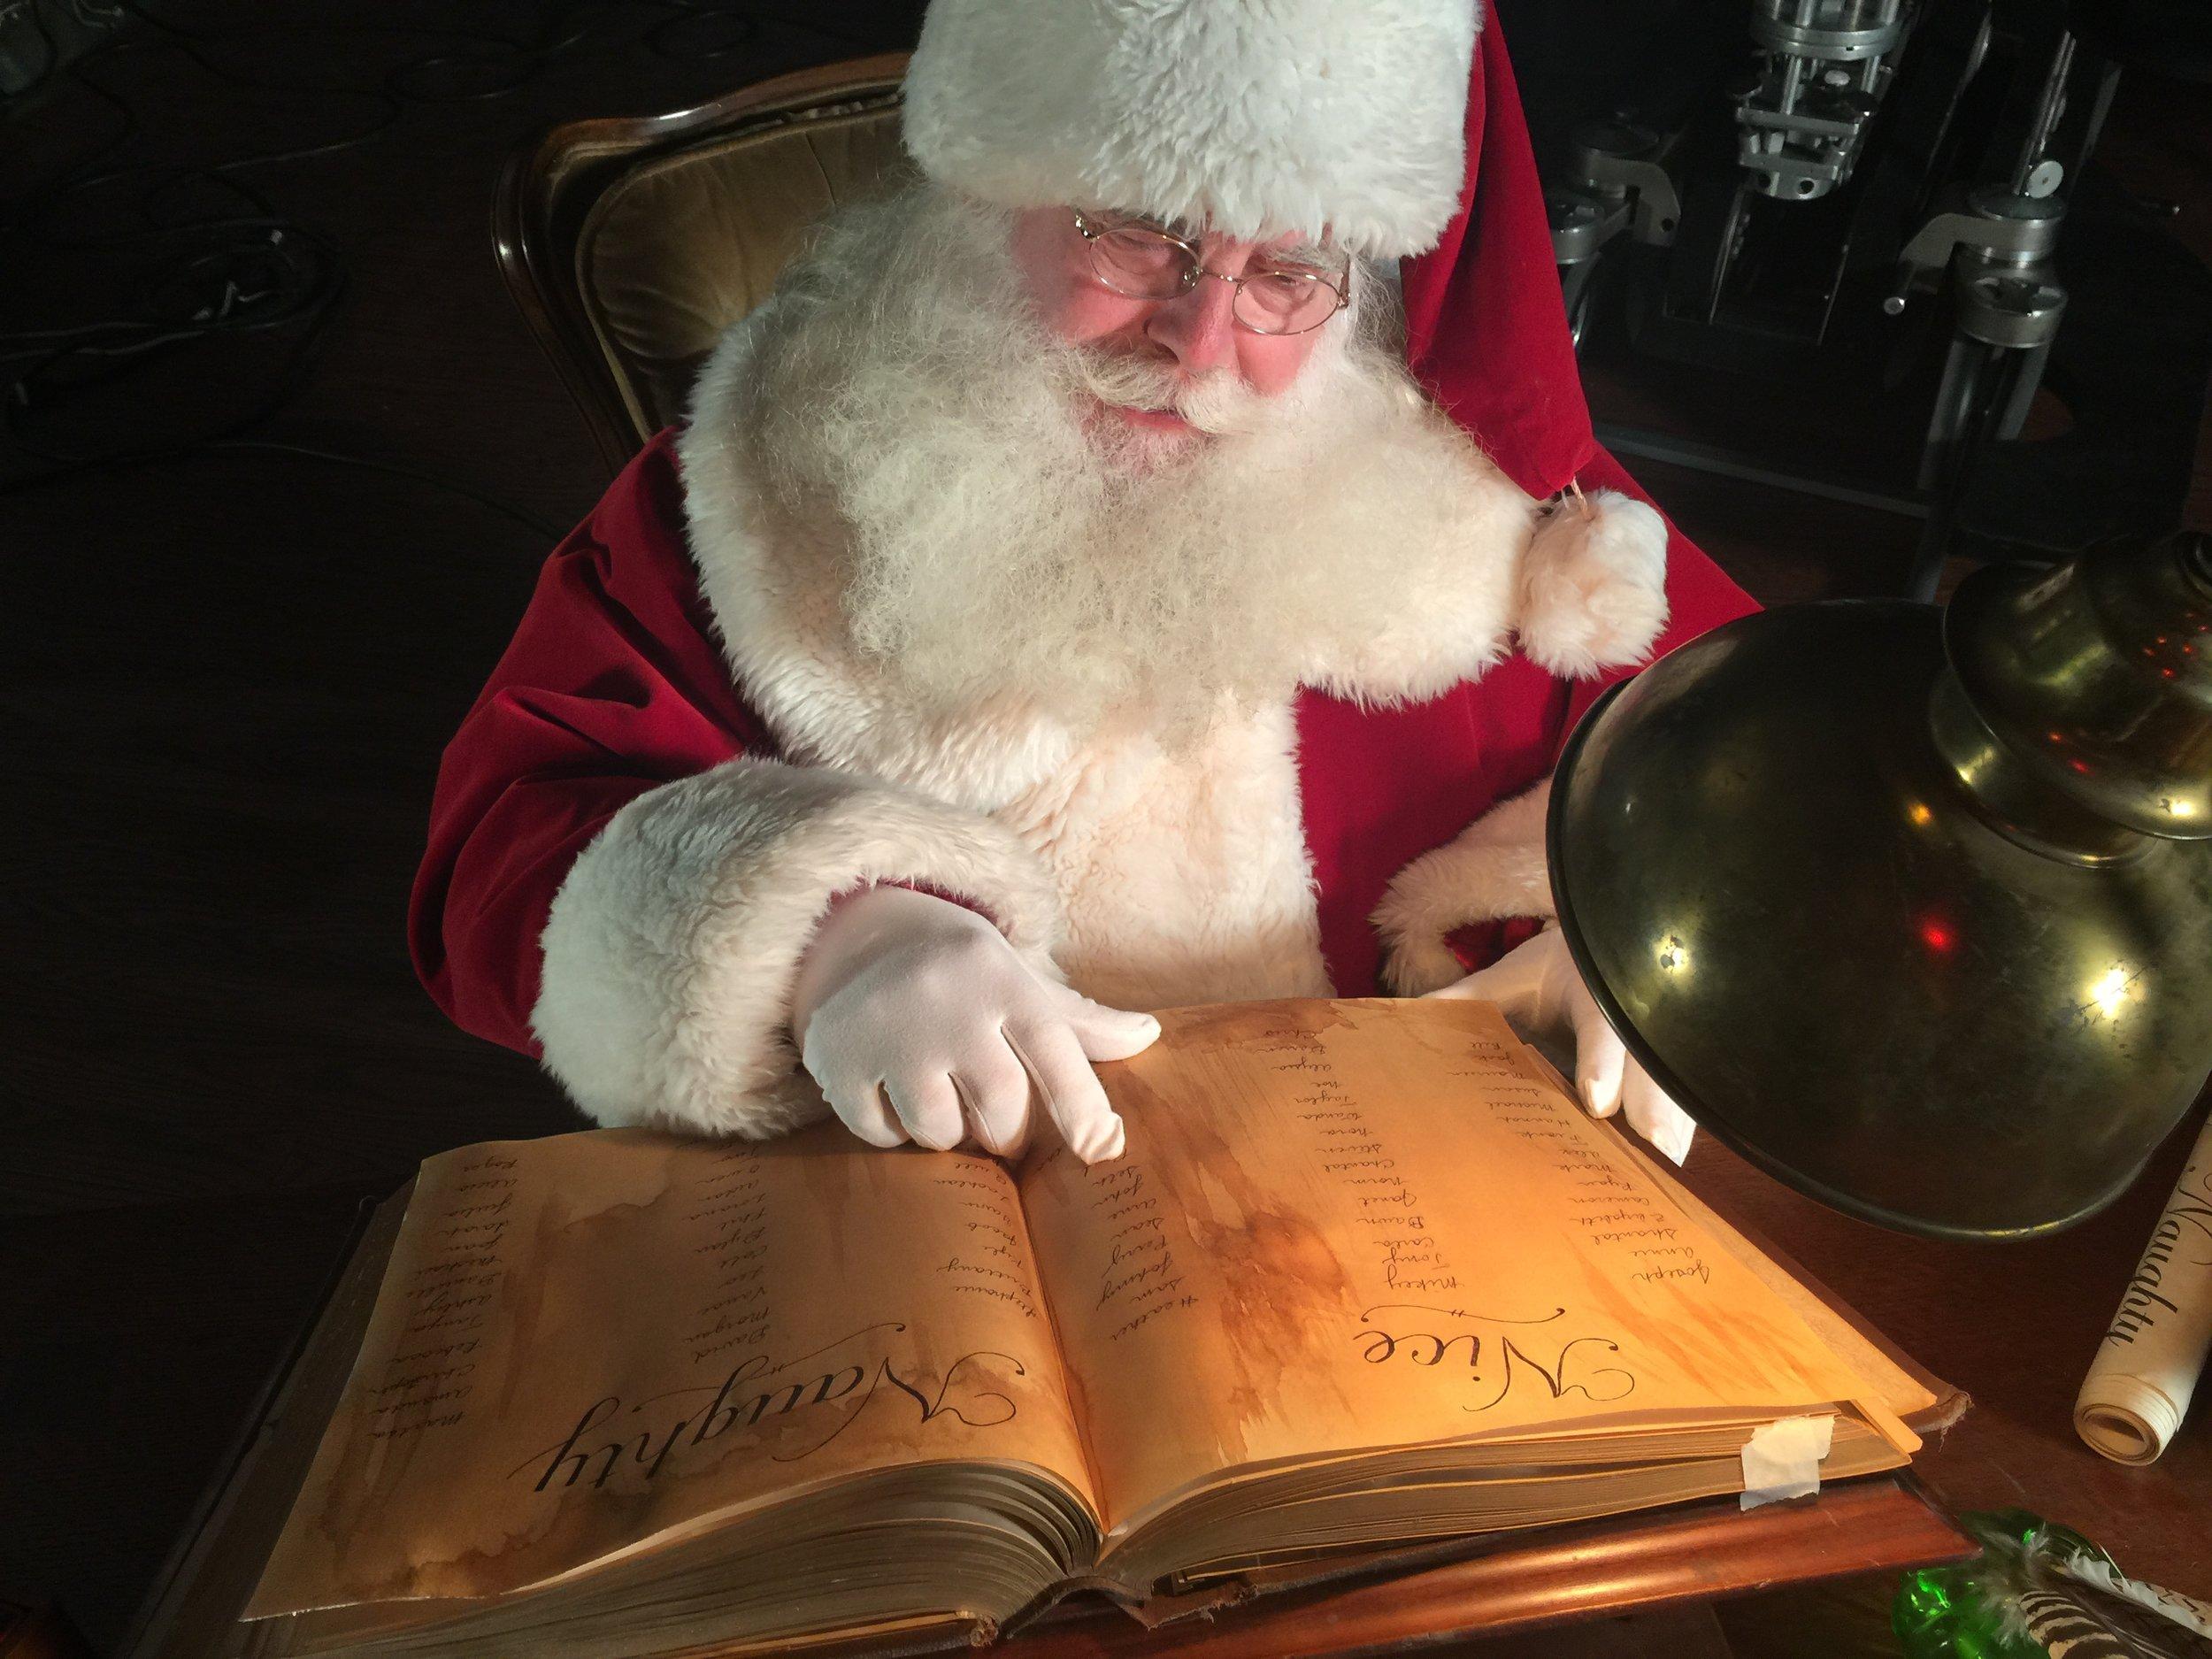 Tinder Santa Ed Looking at Nice List.jpg